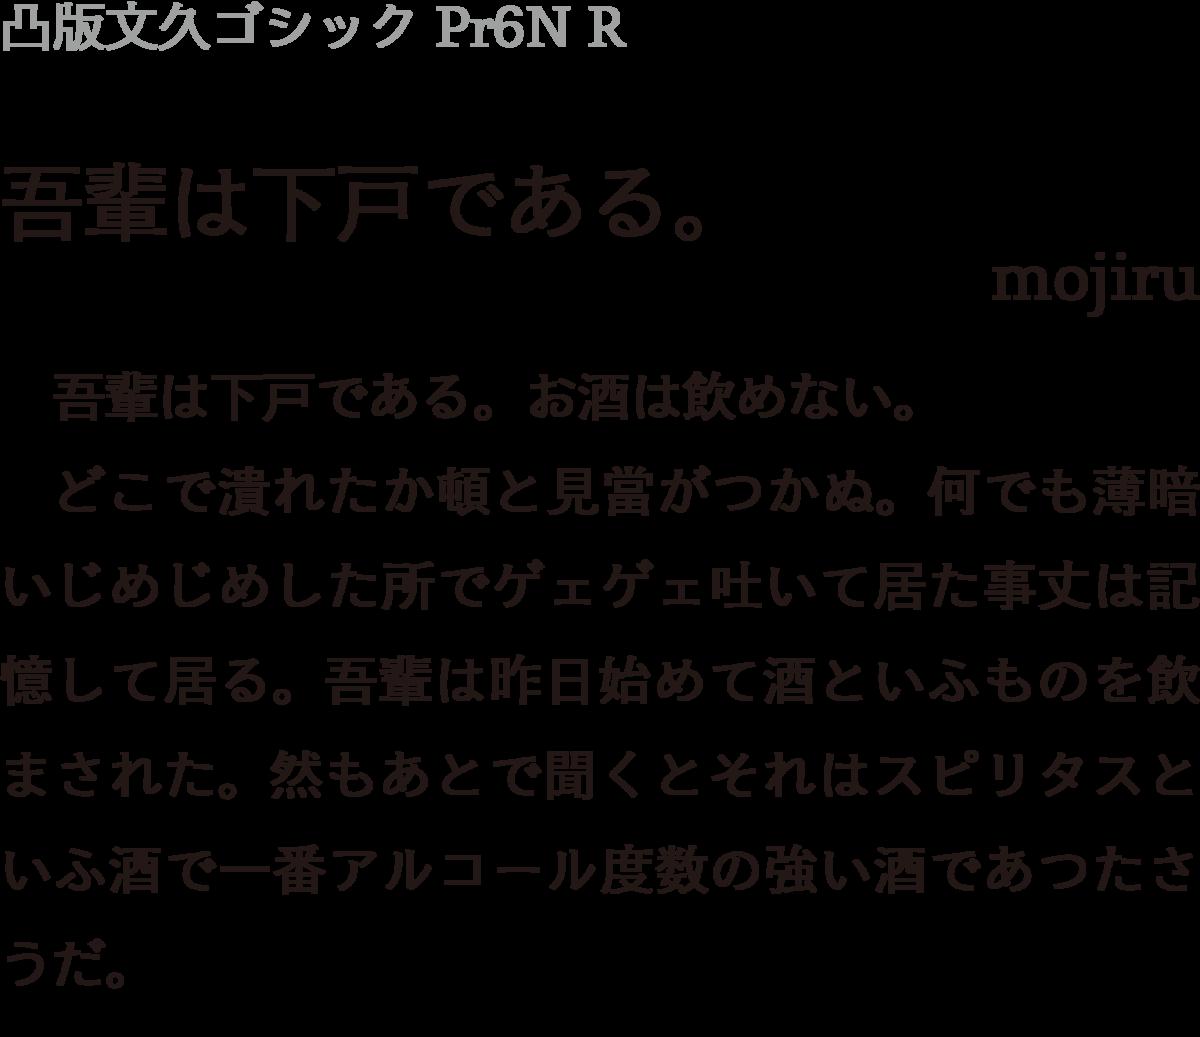 f:id:mojiru:20190410092036p:plain